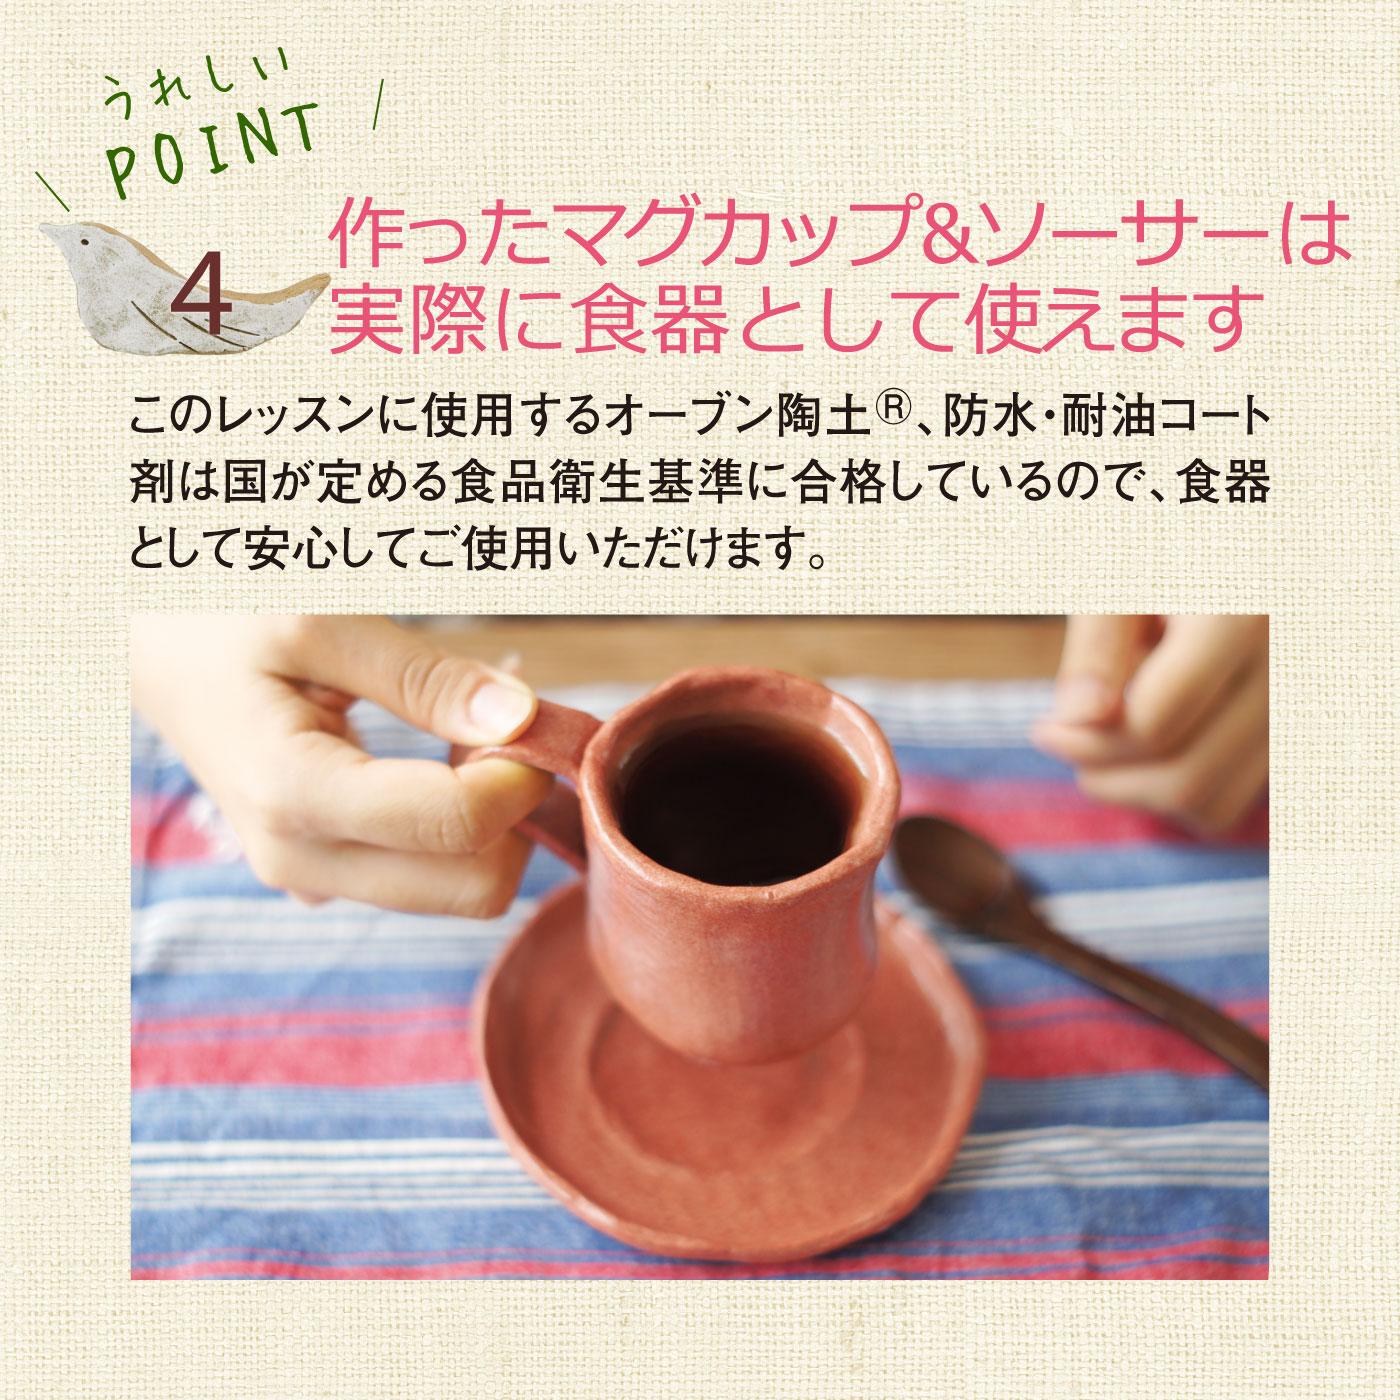 うれしいPOINT4 作ったマグカップ&ソーサーは実際に食器として使えます。